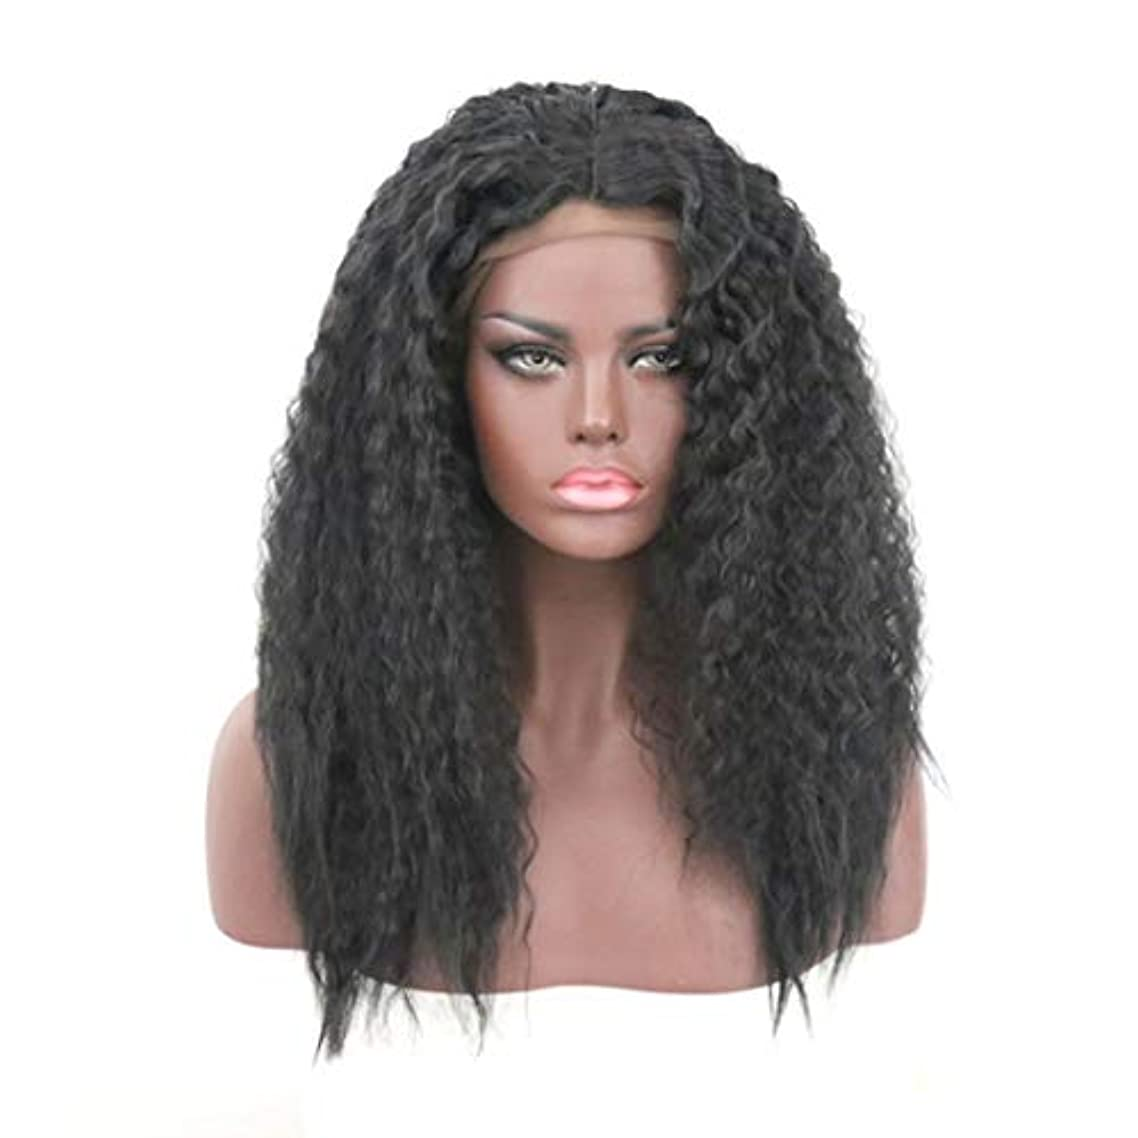 水素韻直立Kerwinner 女性のためのかつらフロントレーススモールロールブラックふわふわロング巻き毛